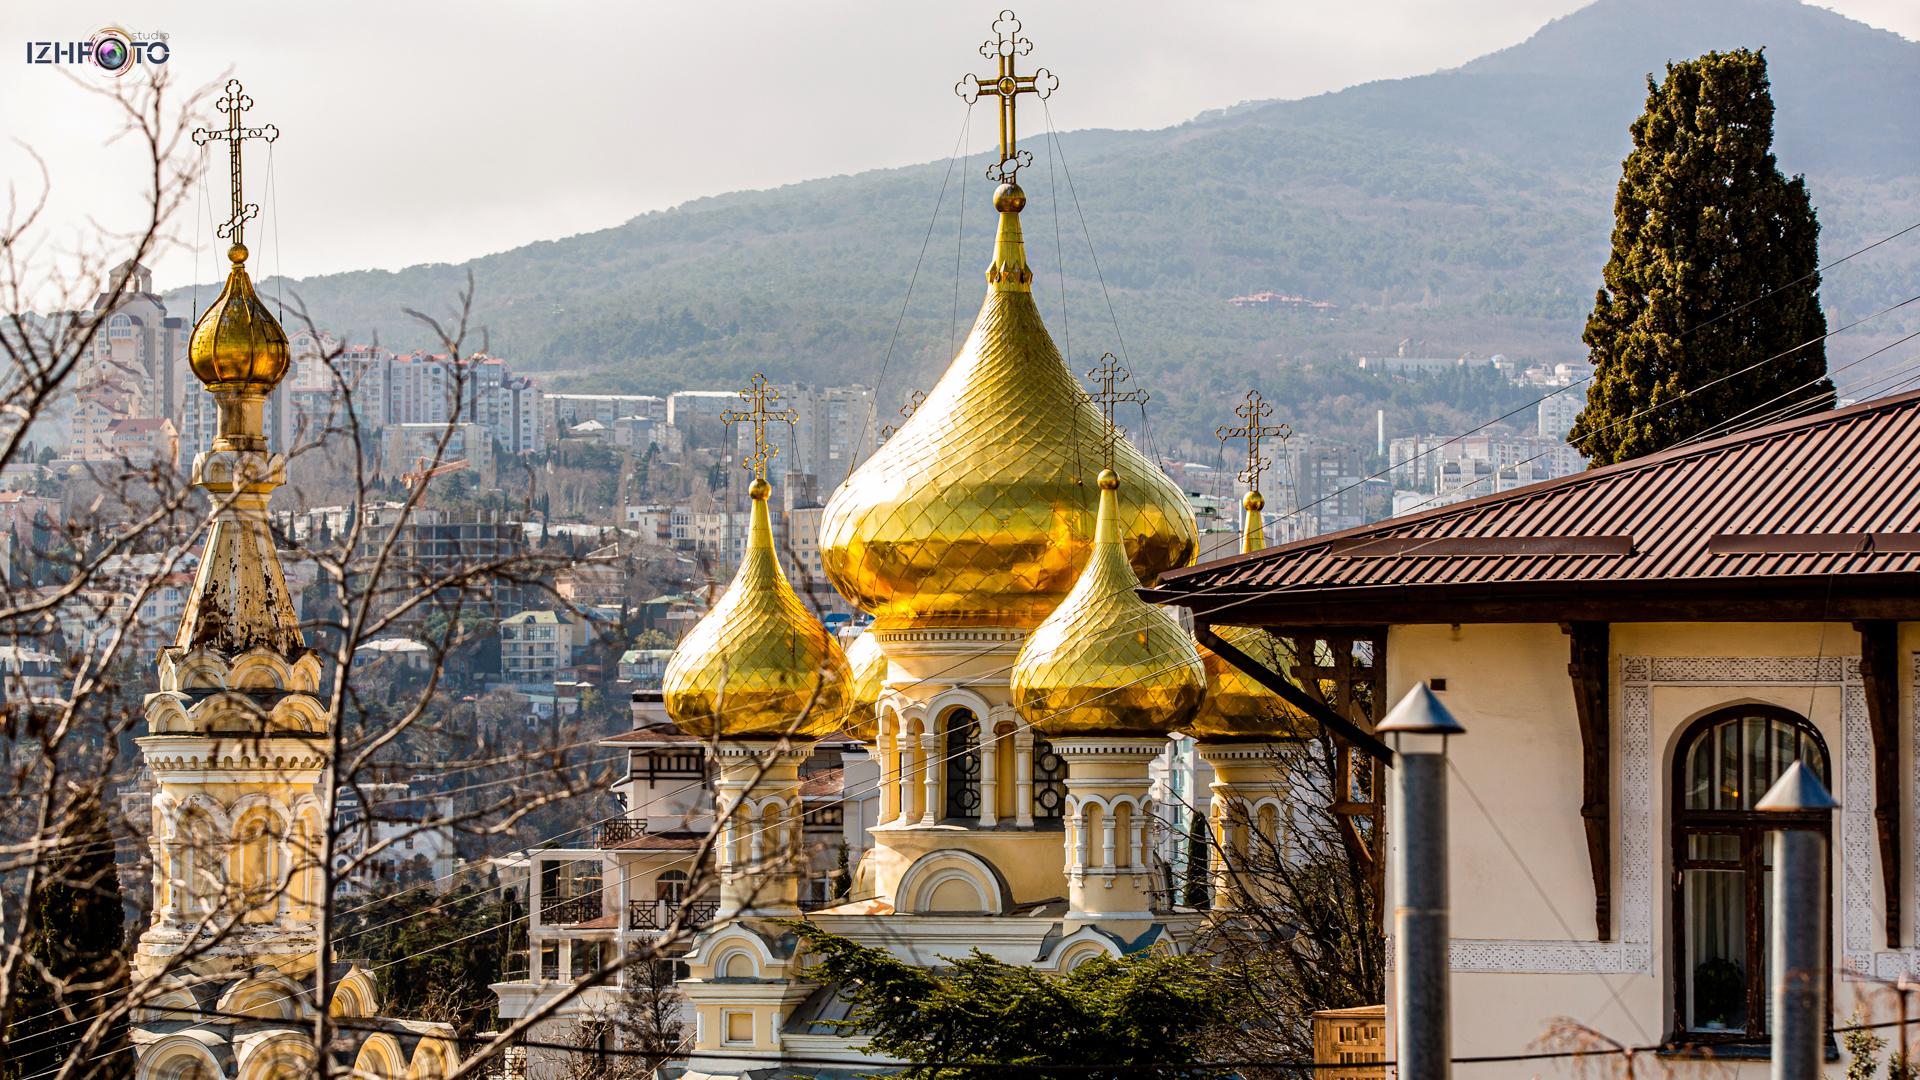 Фотография ялтинского собора Александра Невского